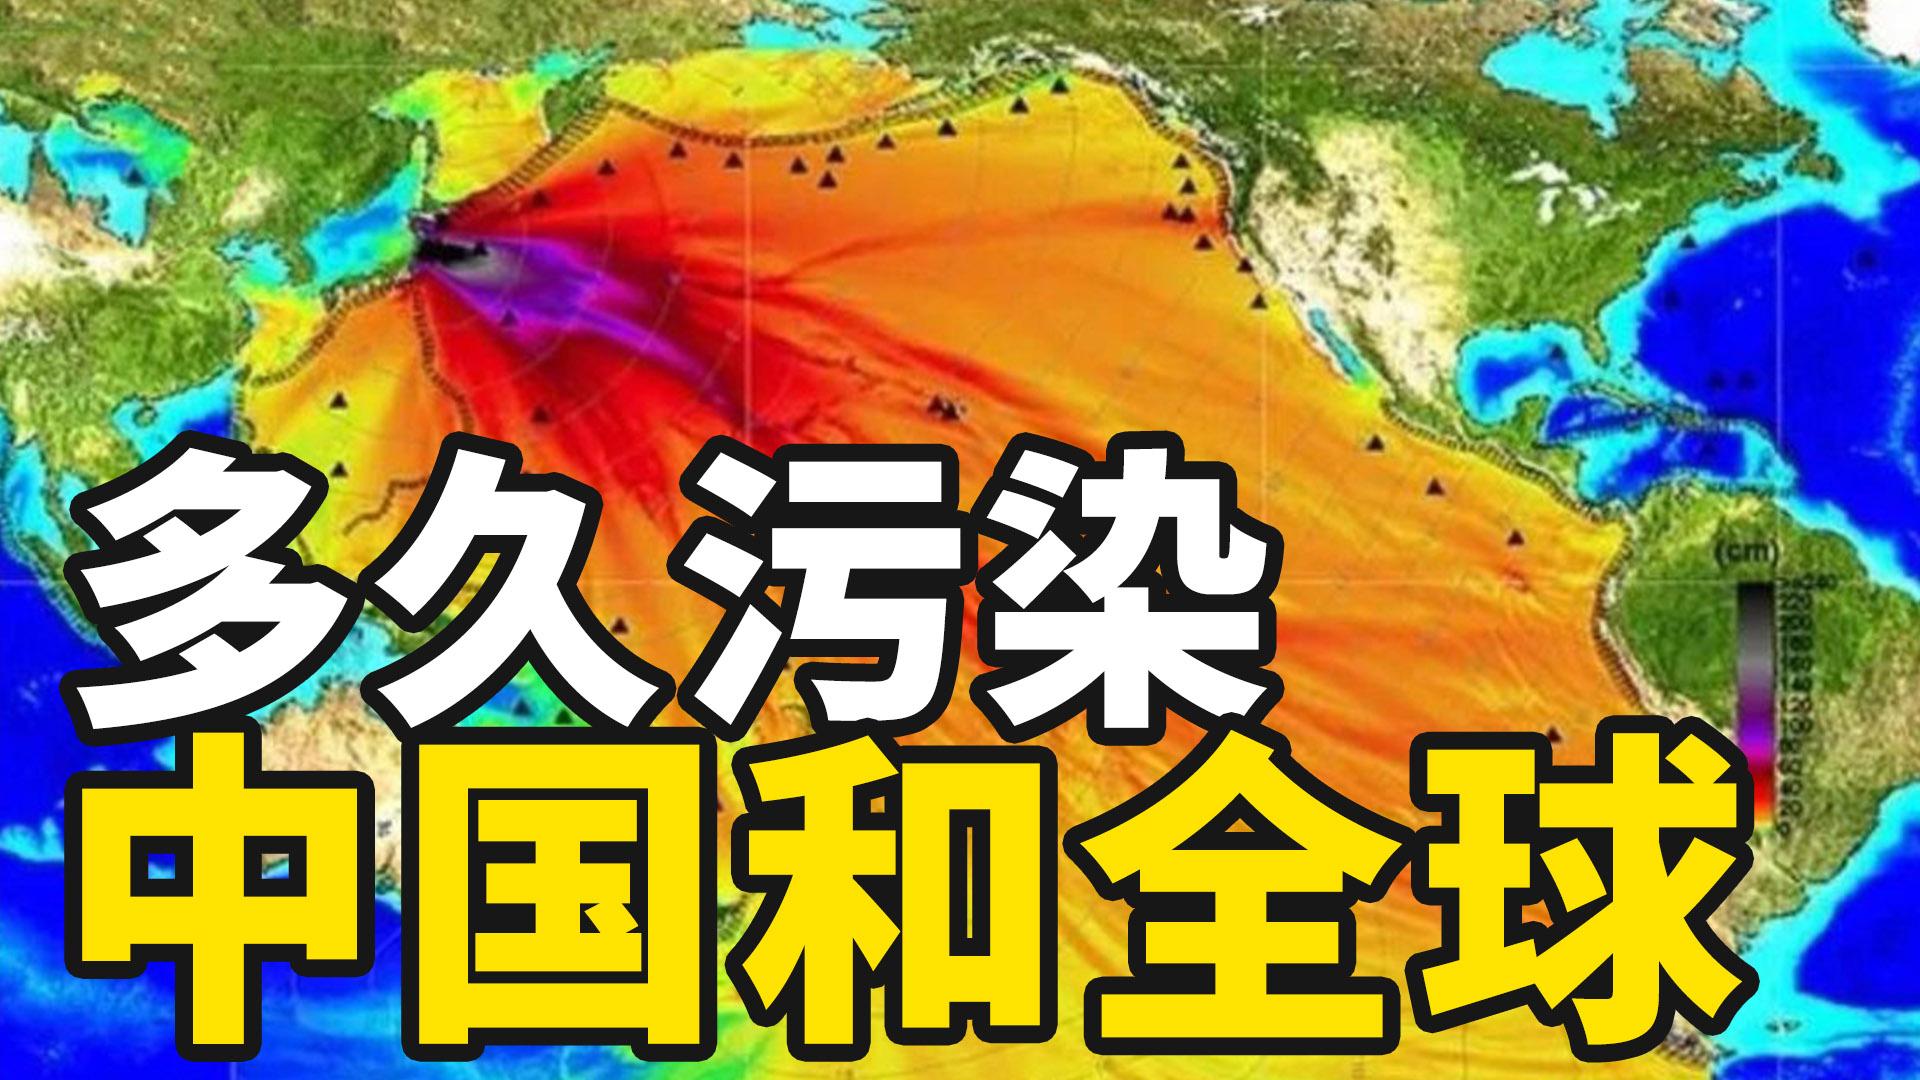 日本核废水多久扩散到中国和全世界?有哪些影响